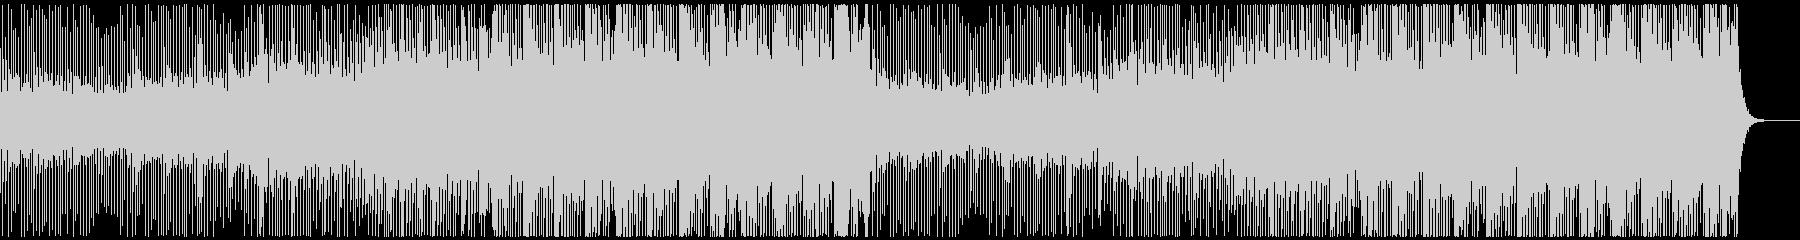 クール・スタイリッシュ・EDM・6の未再生の波形